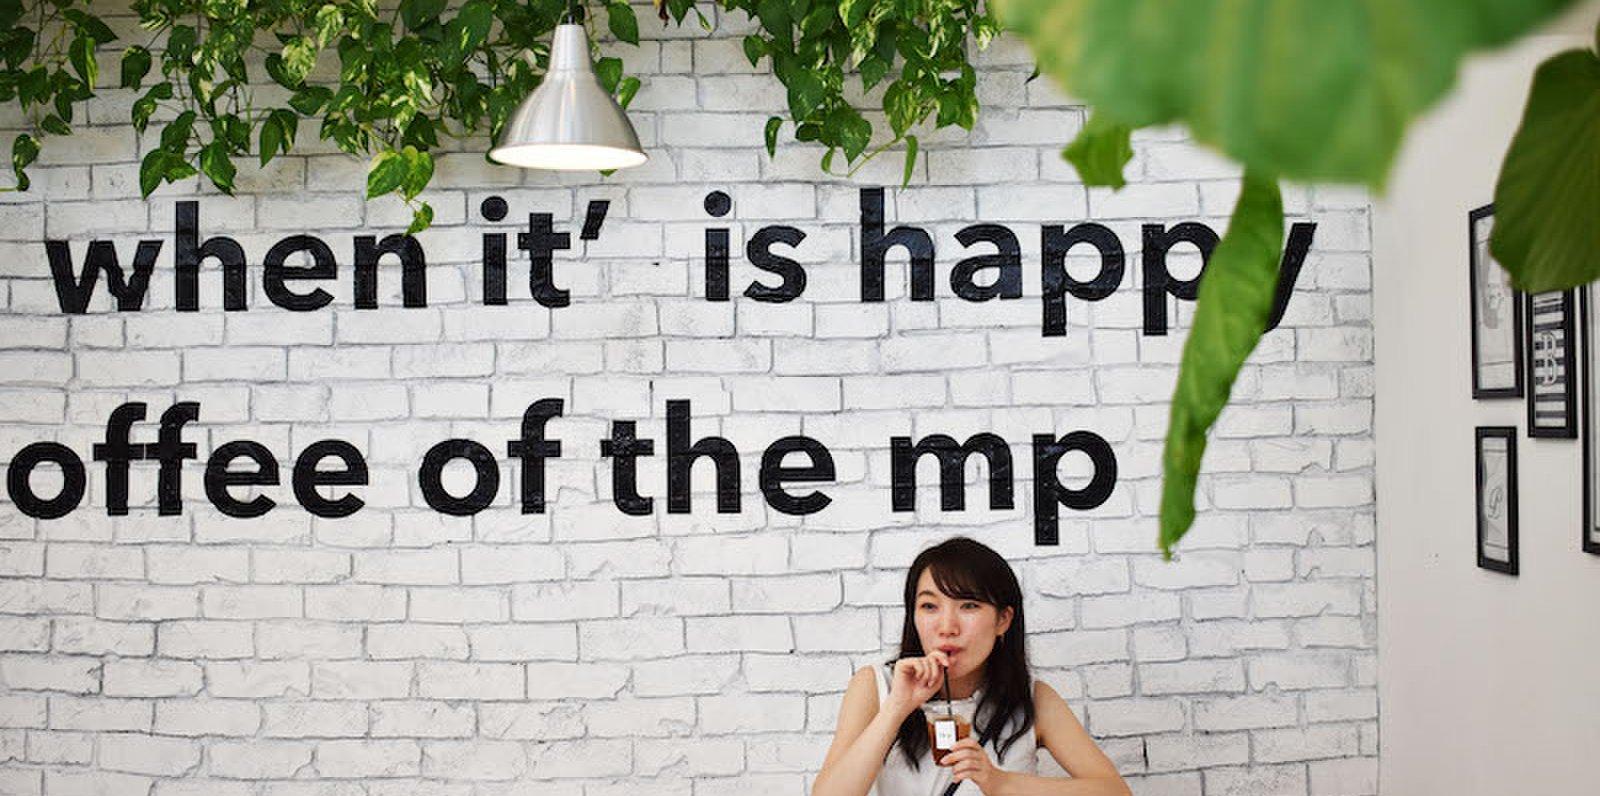 barn mp(バーン エムピー)